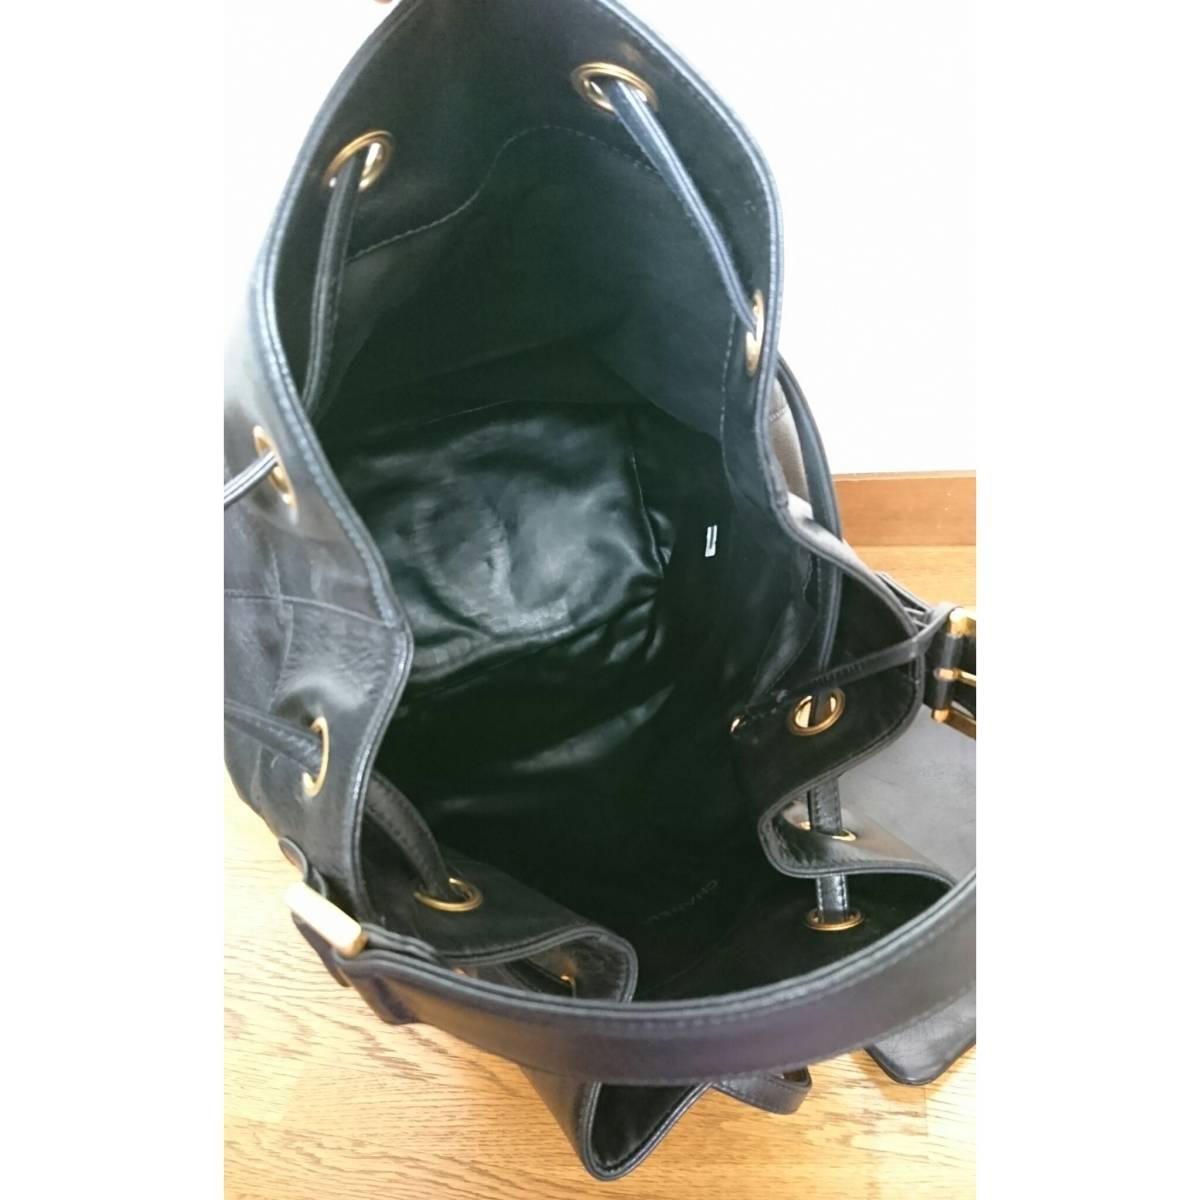 CHANEL シャネル リュック バックパック ブラック ハンドバッグ 黒 バッグ ヴィンテージシャネル レザーバッグ レア vintage ヴィンテージ_画像8